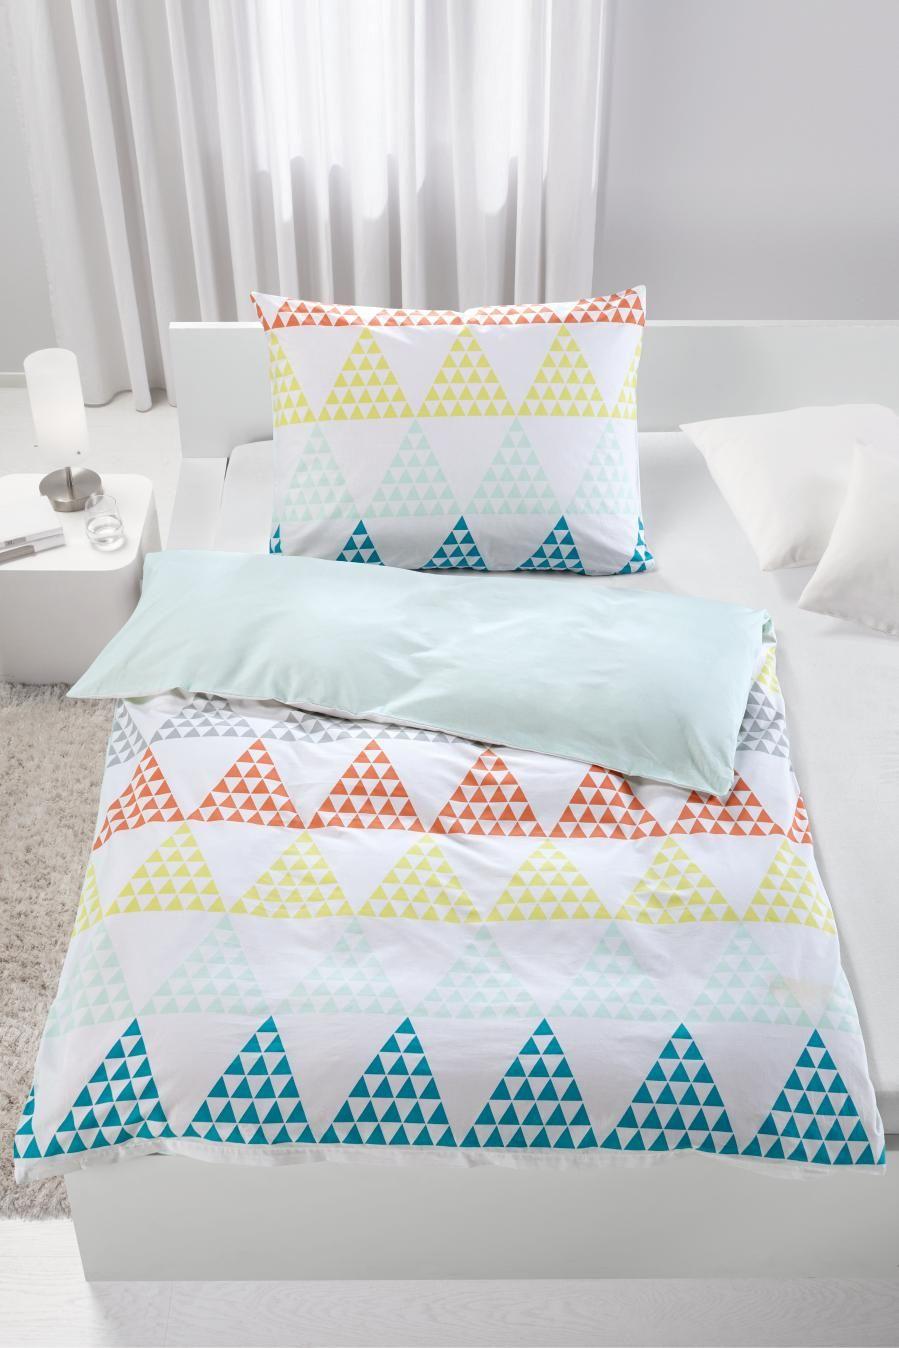 Bettwäsche Pyramid Wende Farbenfrohe Bettwäsche Mit Geometrischen